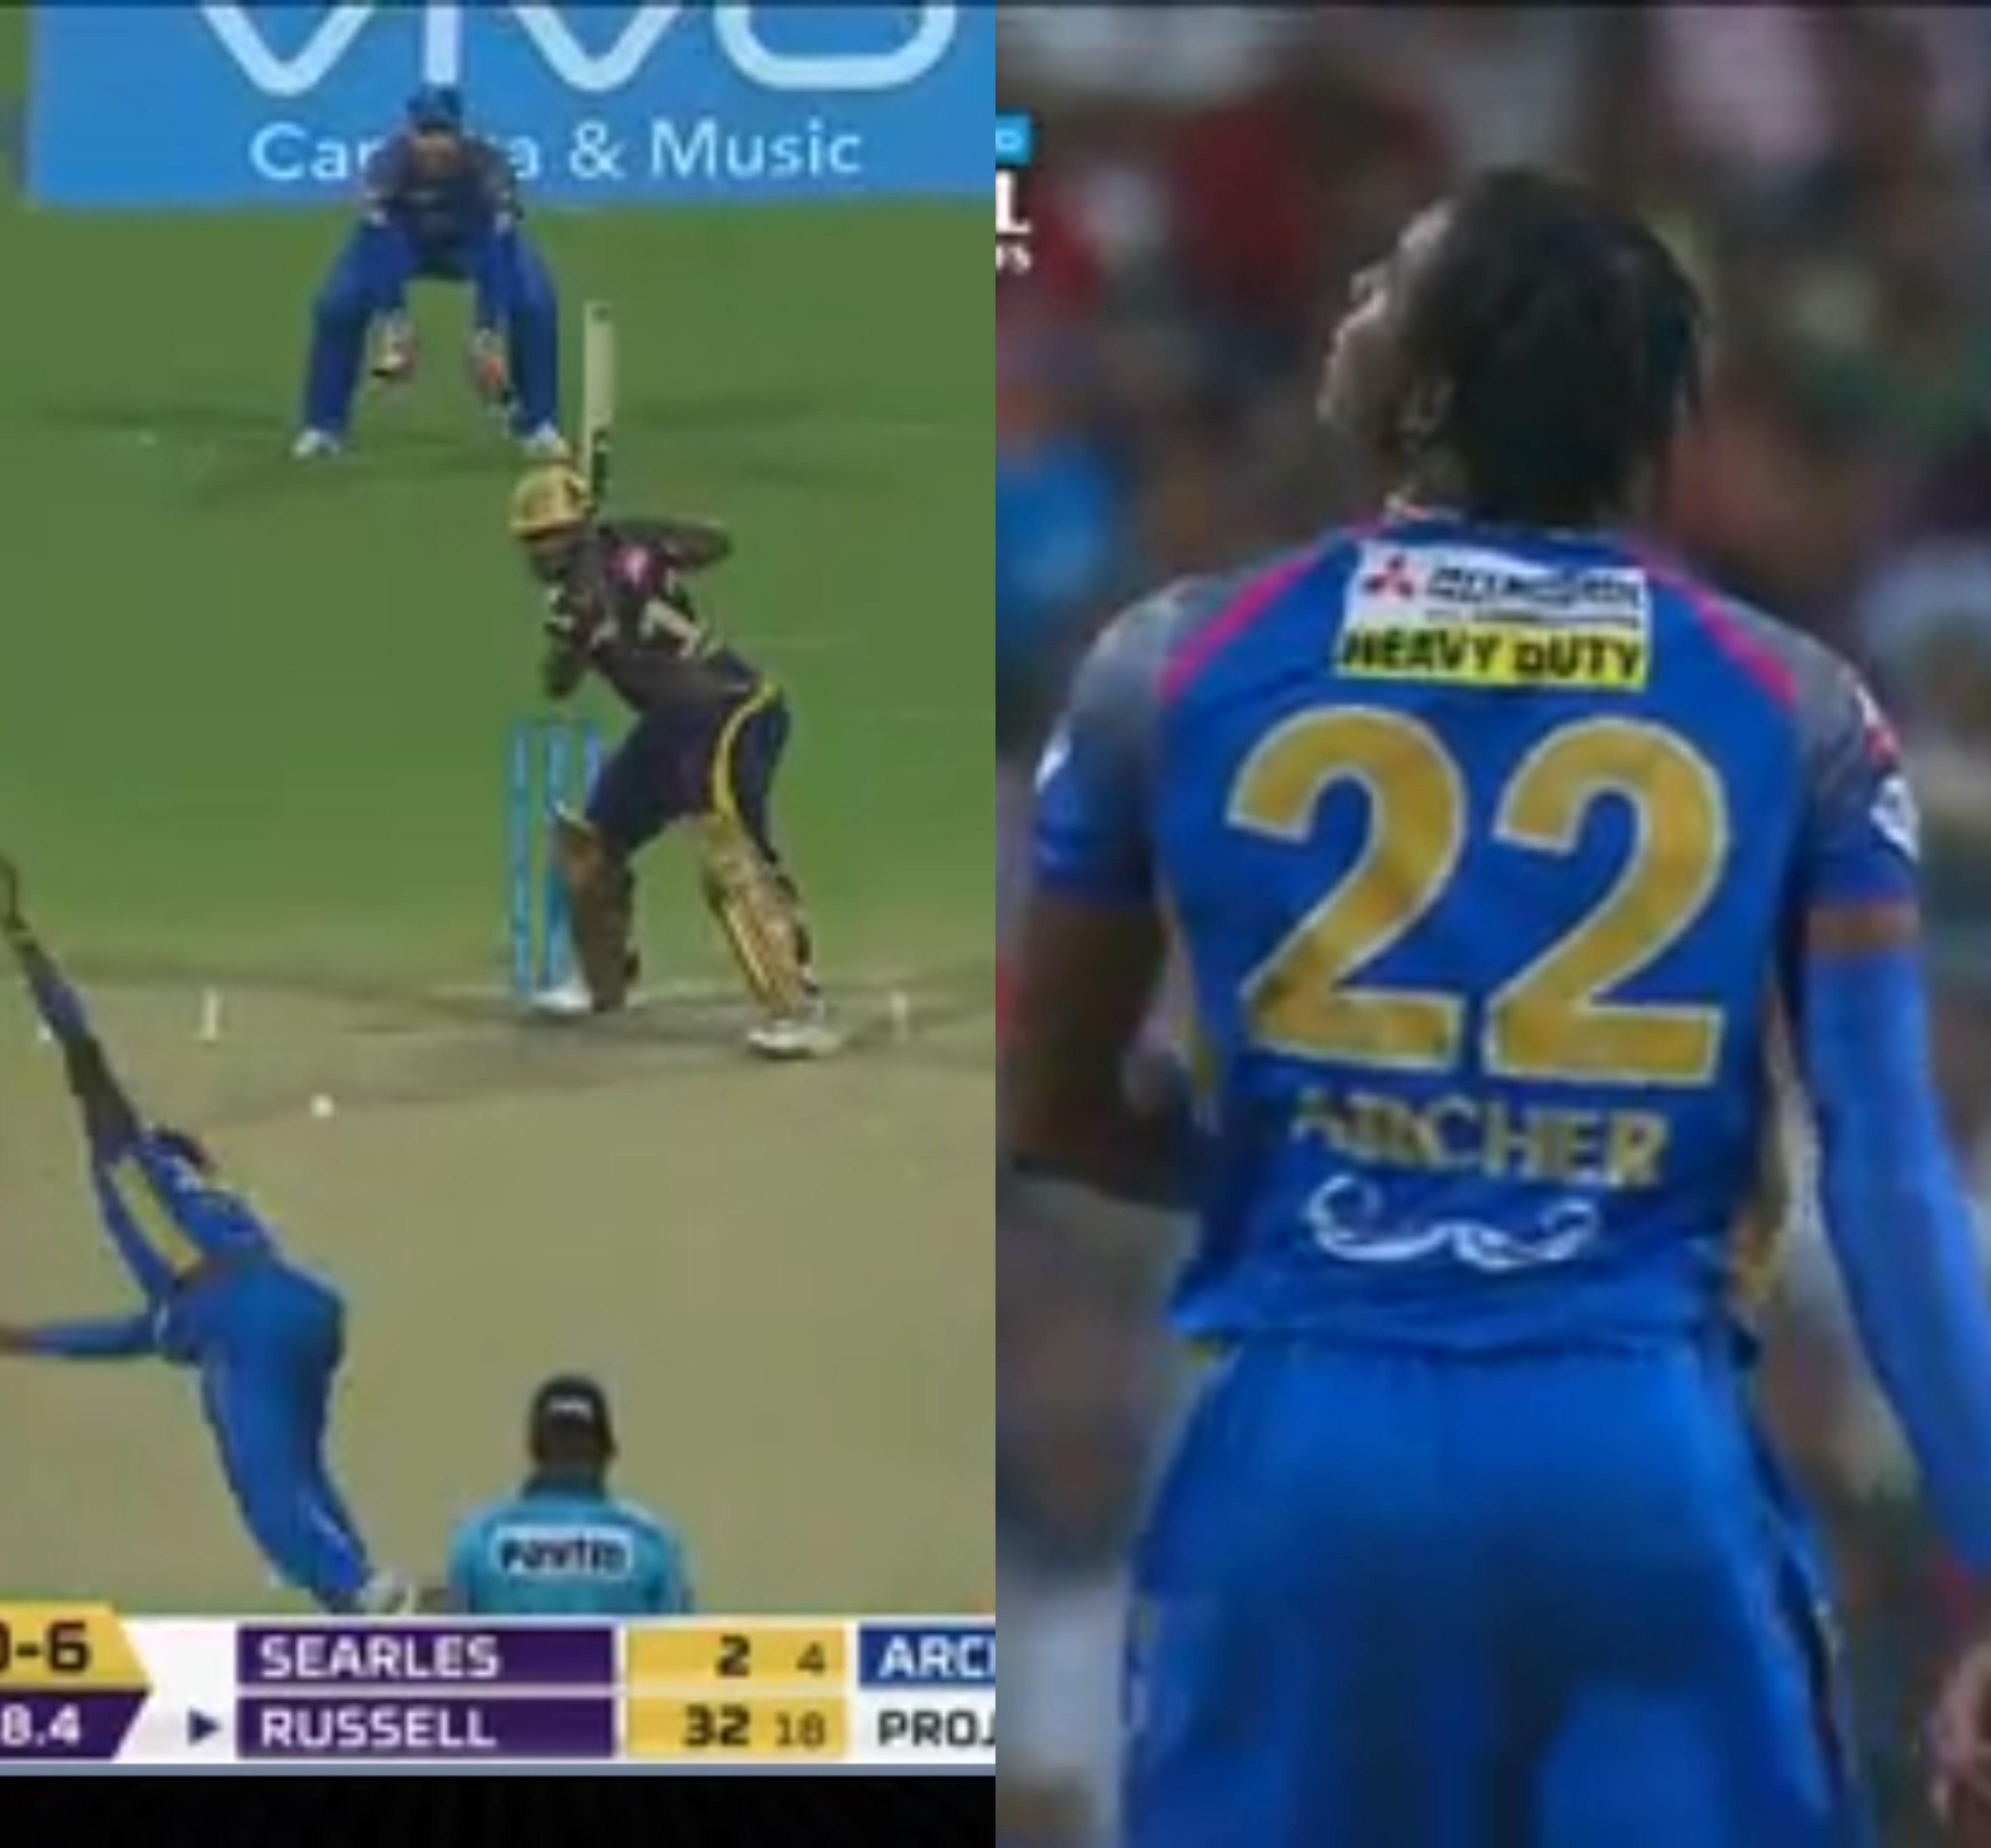 वीडियो : एलिमिनेटर मैच में आंद्रे रसेल ने जड़ा टेनिस शॉट वाला सिक्स, देख आप भी रह जायेंगे दंग